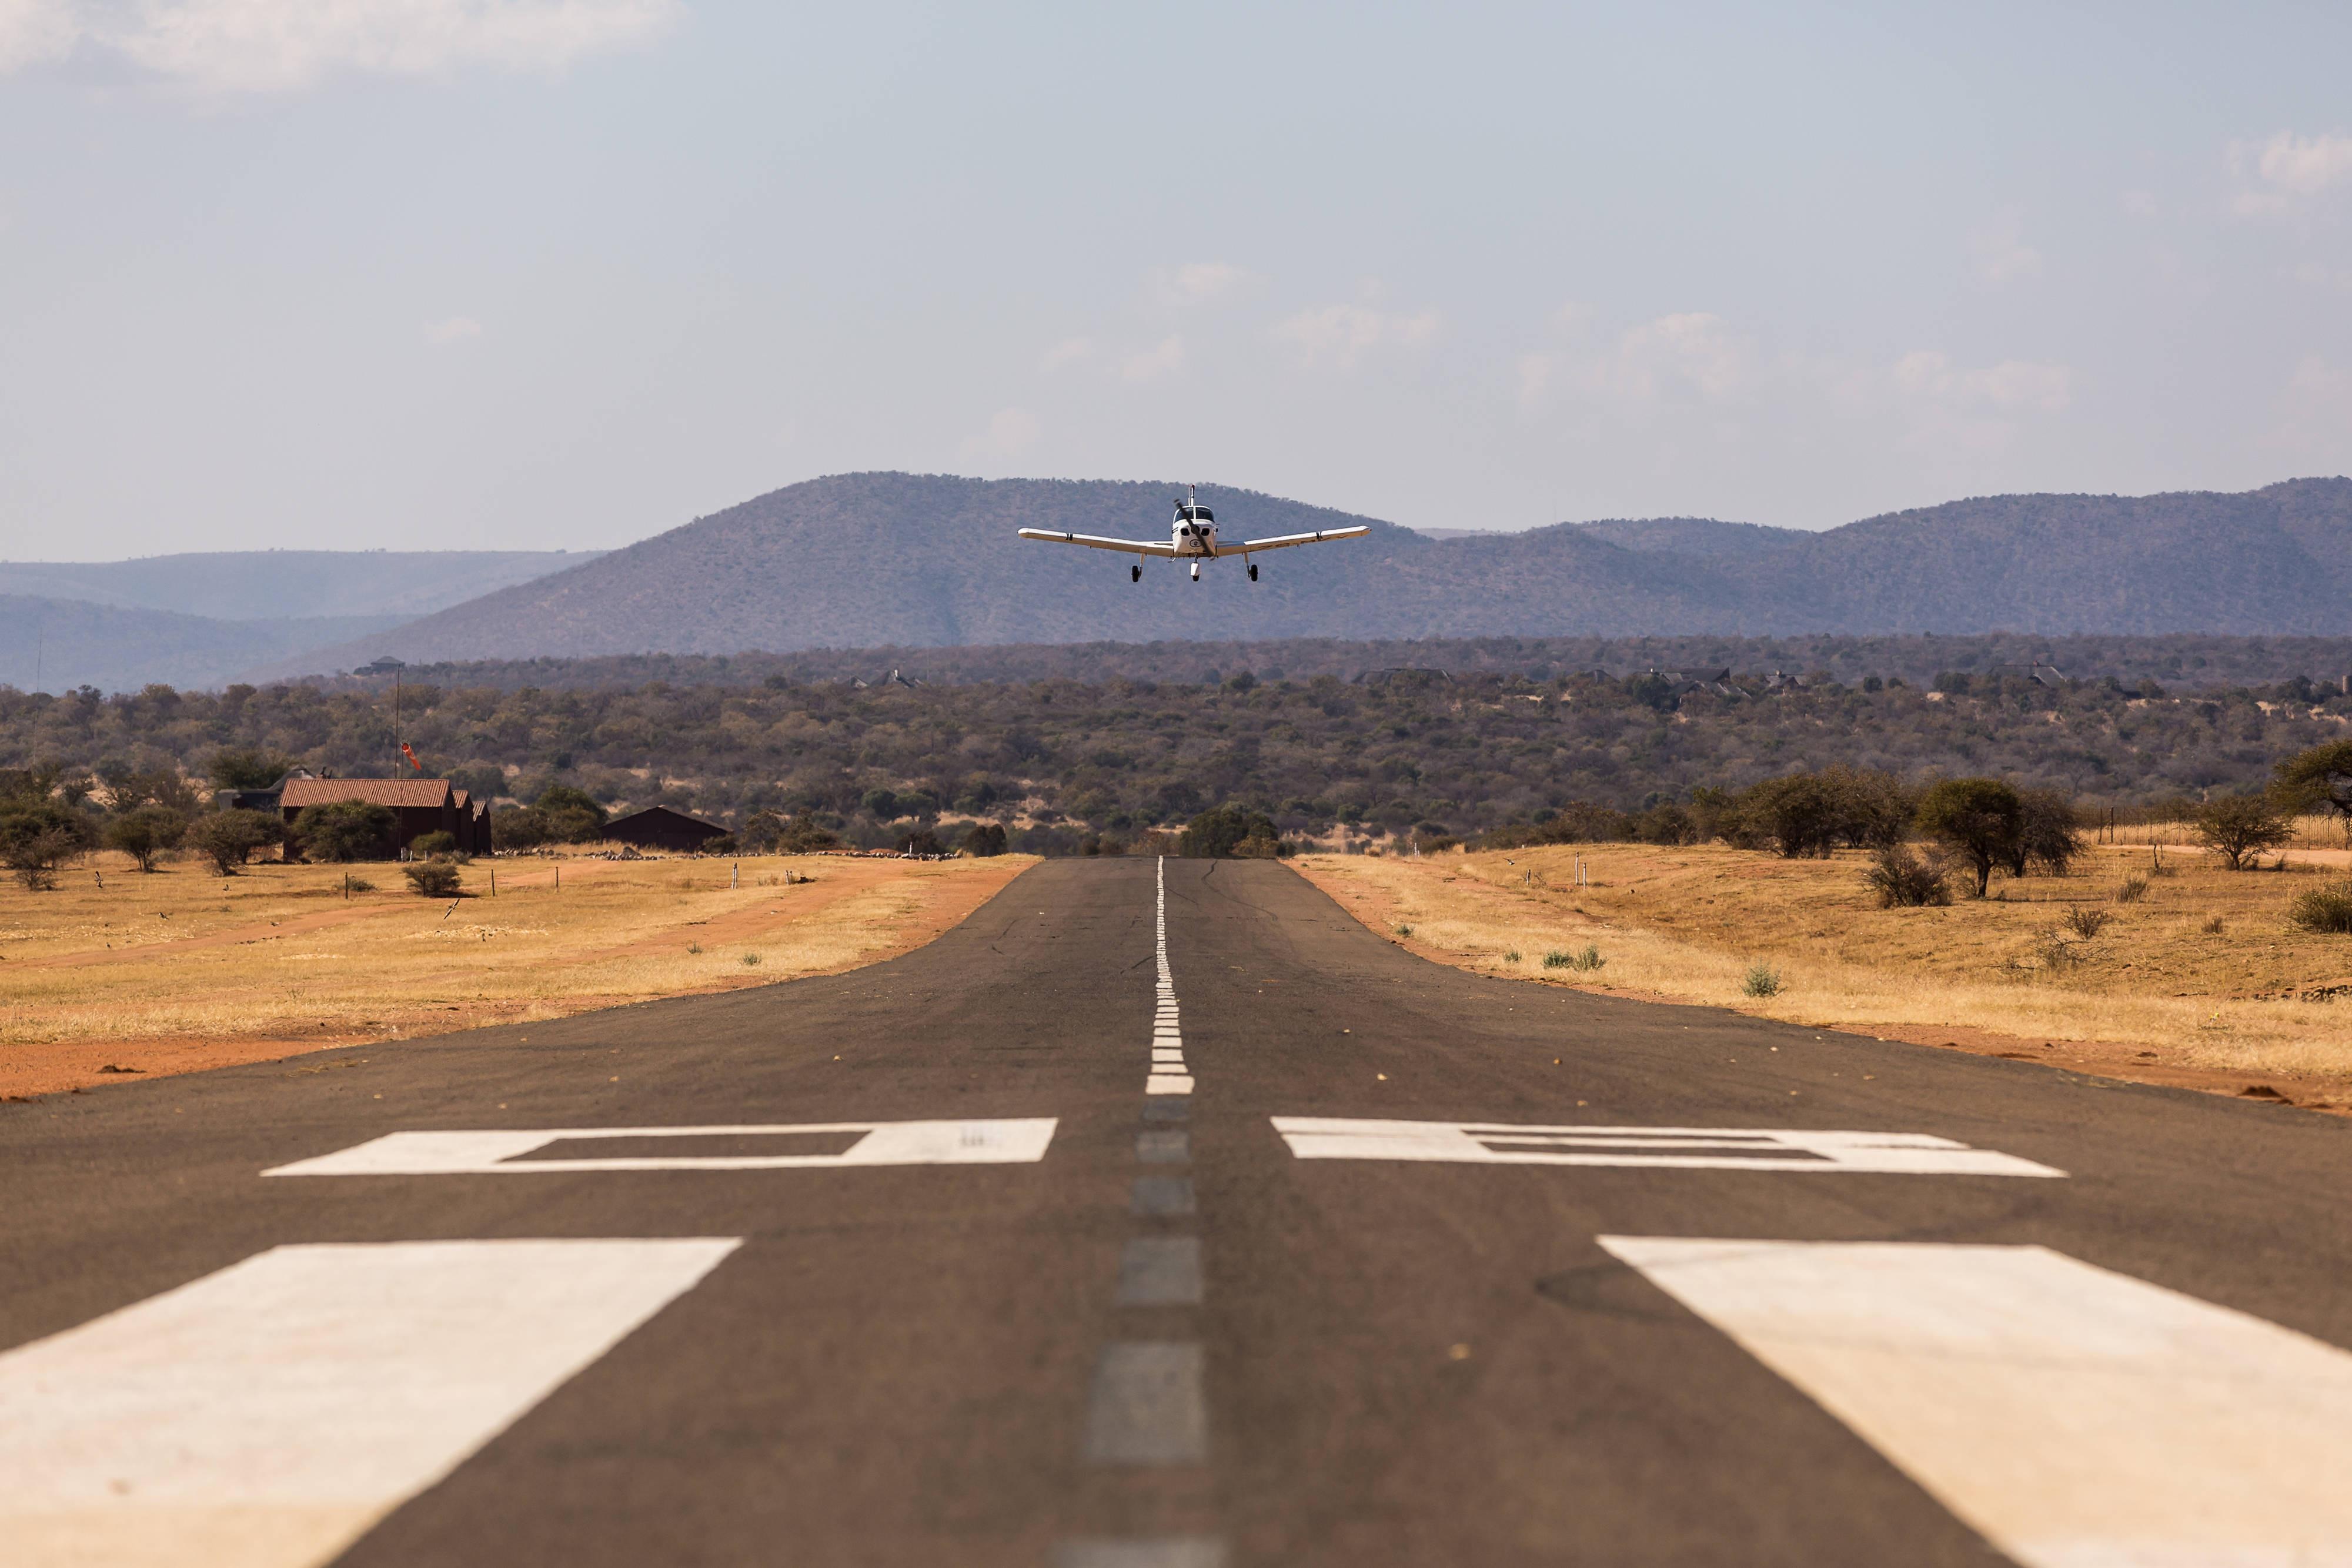 Airstrip Plane Landing